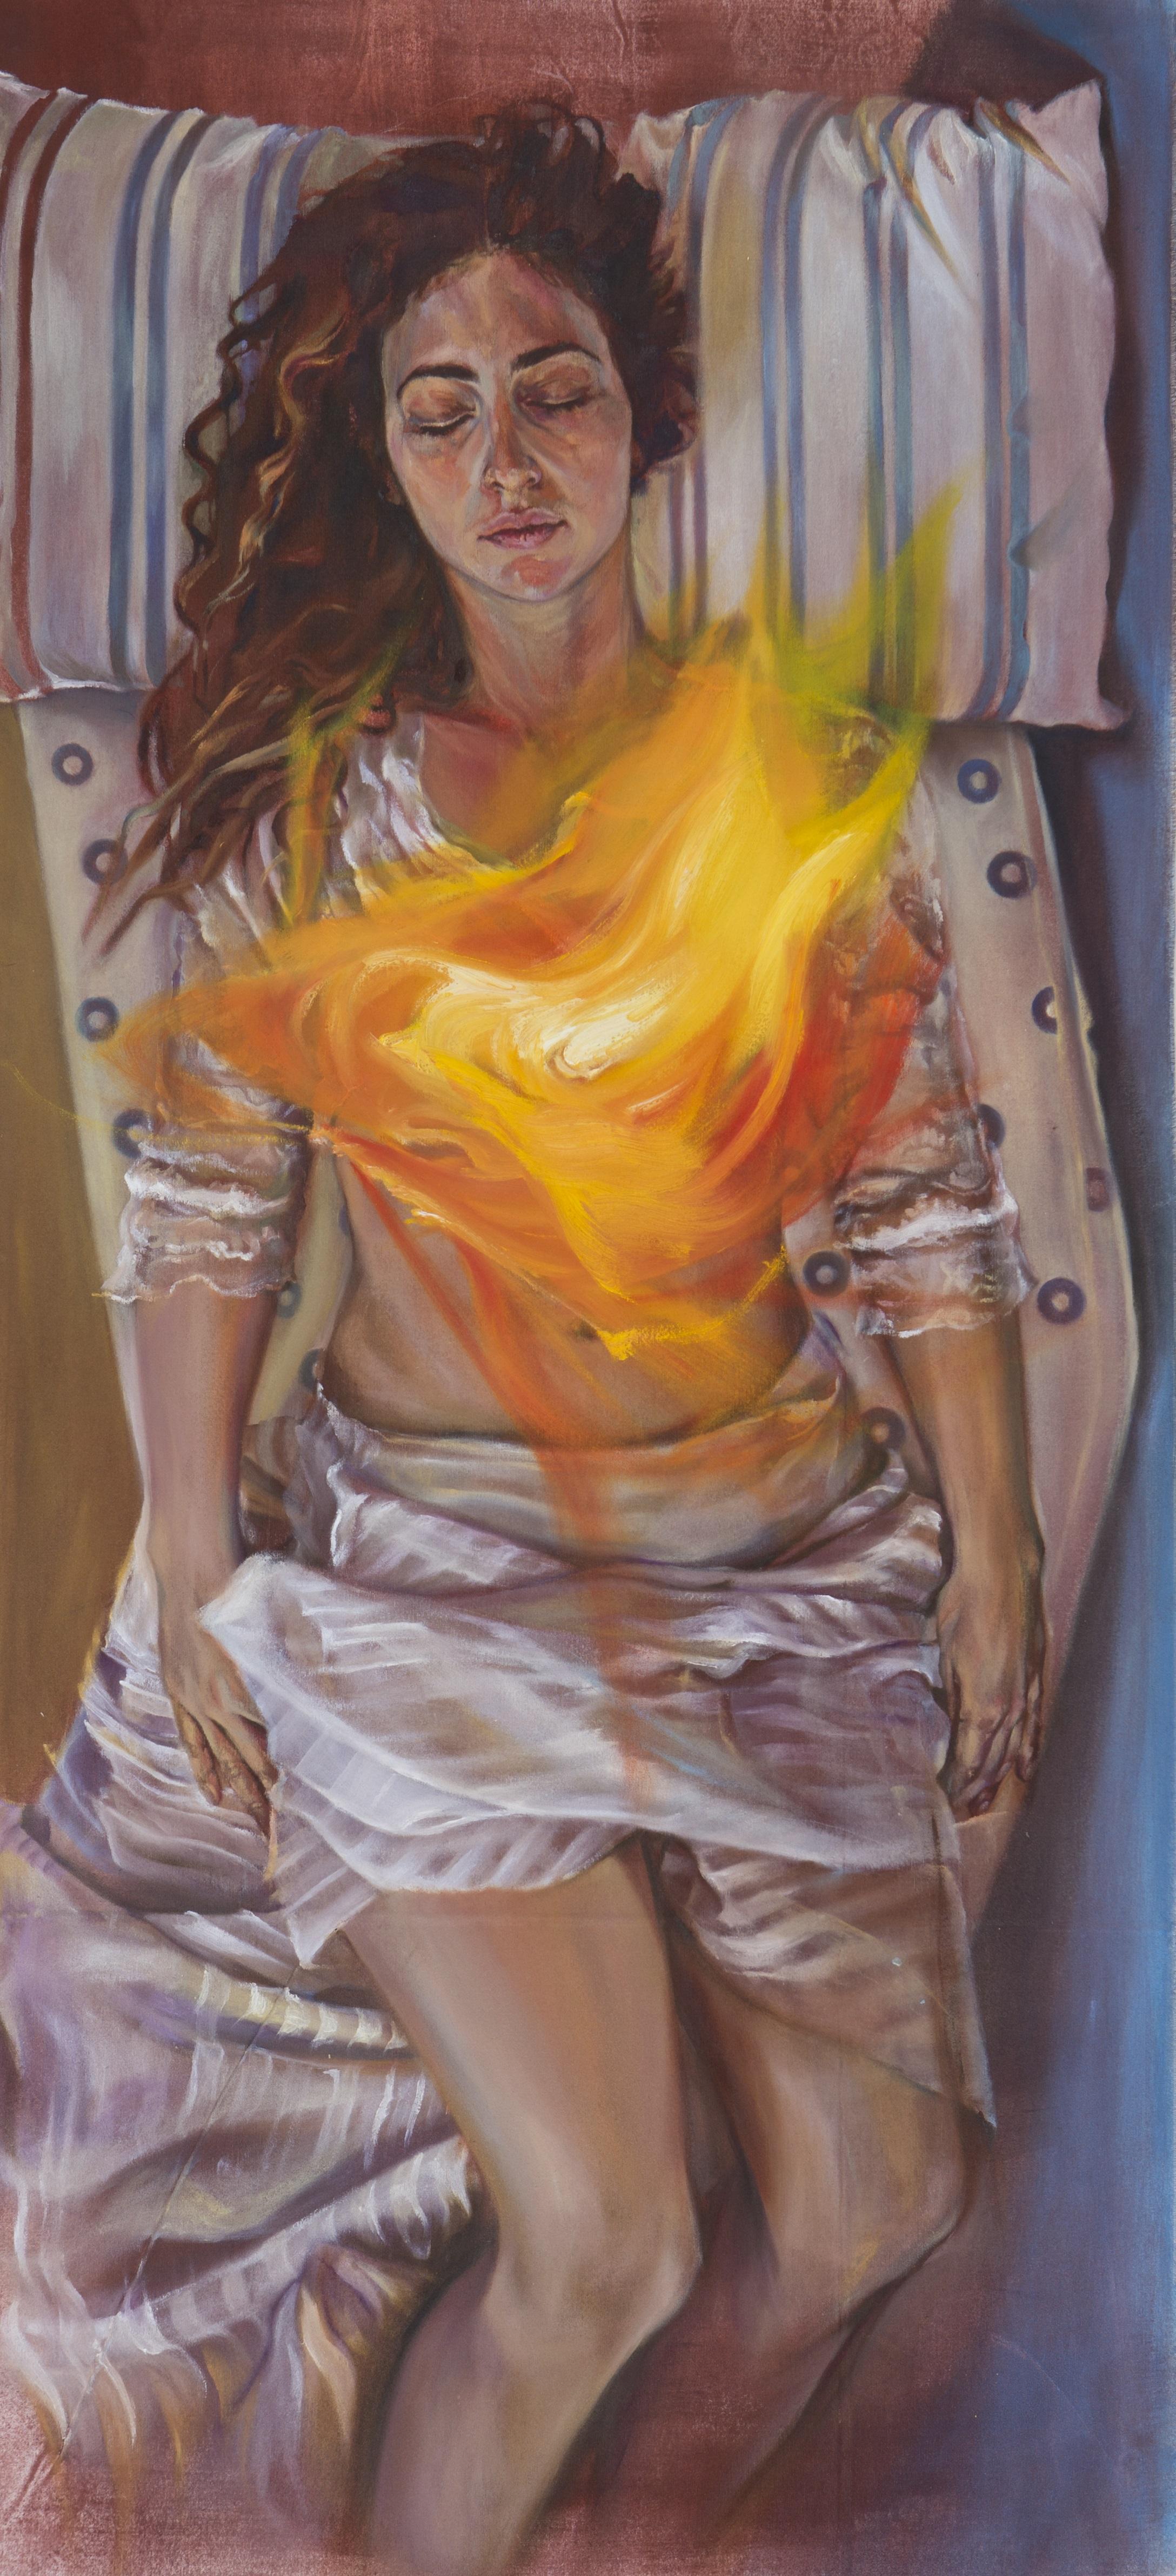 Σοφία Μαρία Ξενάκη, Πυρήνας, Λάδι σε μουσαμά, 132 x 55 εκ.